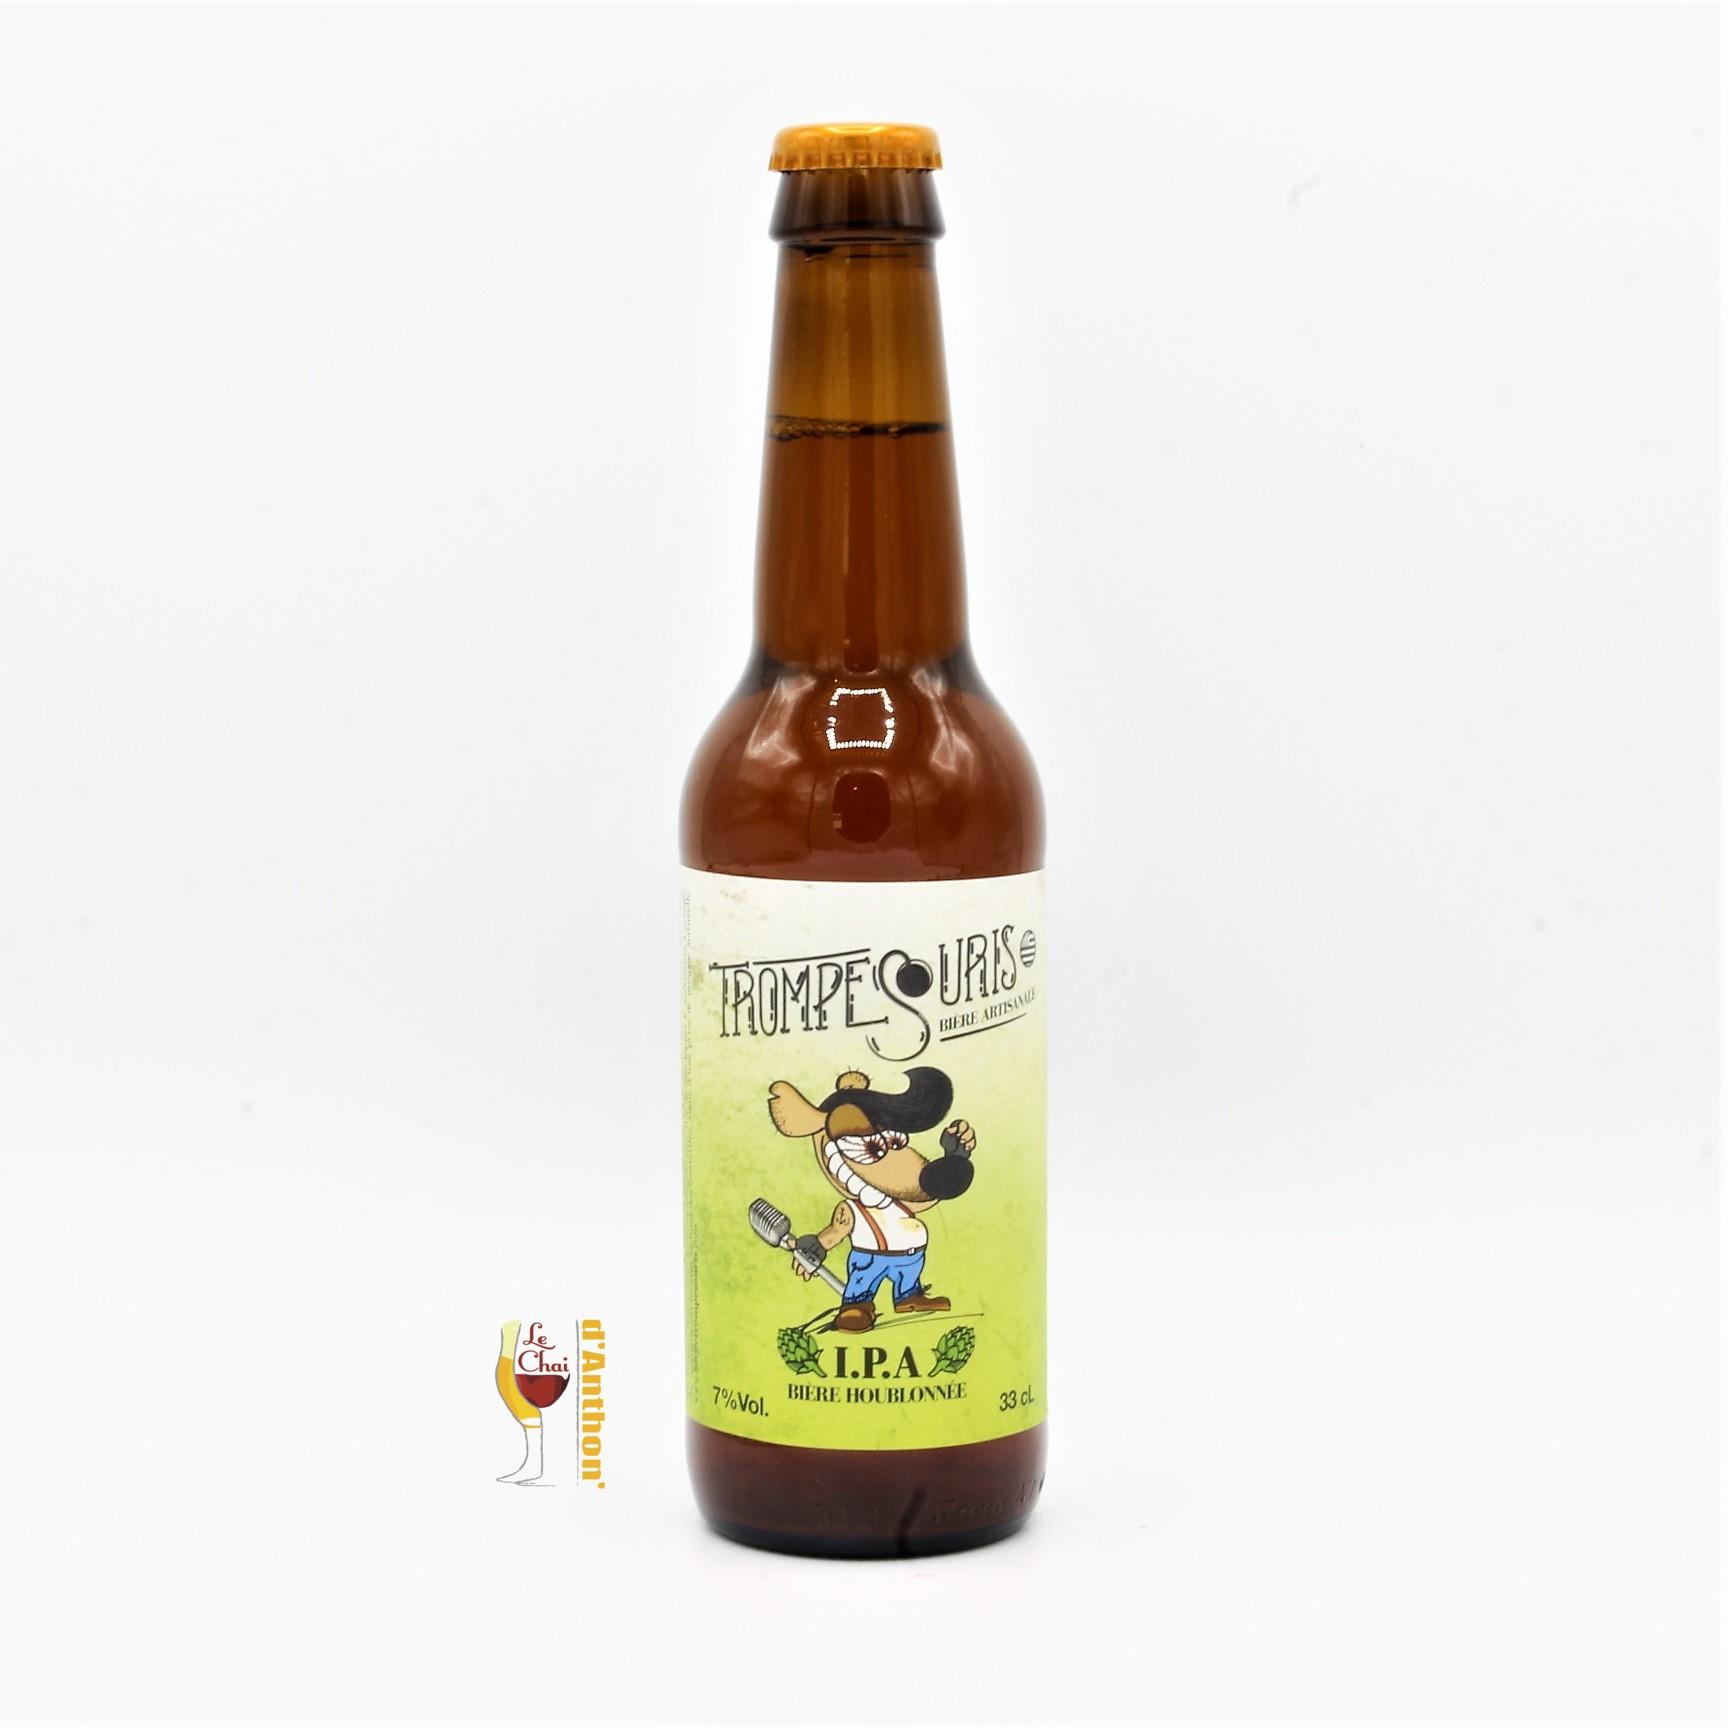 Biere Bouteille Ipa Brasserie La Divatte Bretonne 33cl